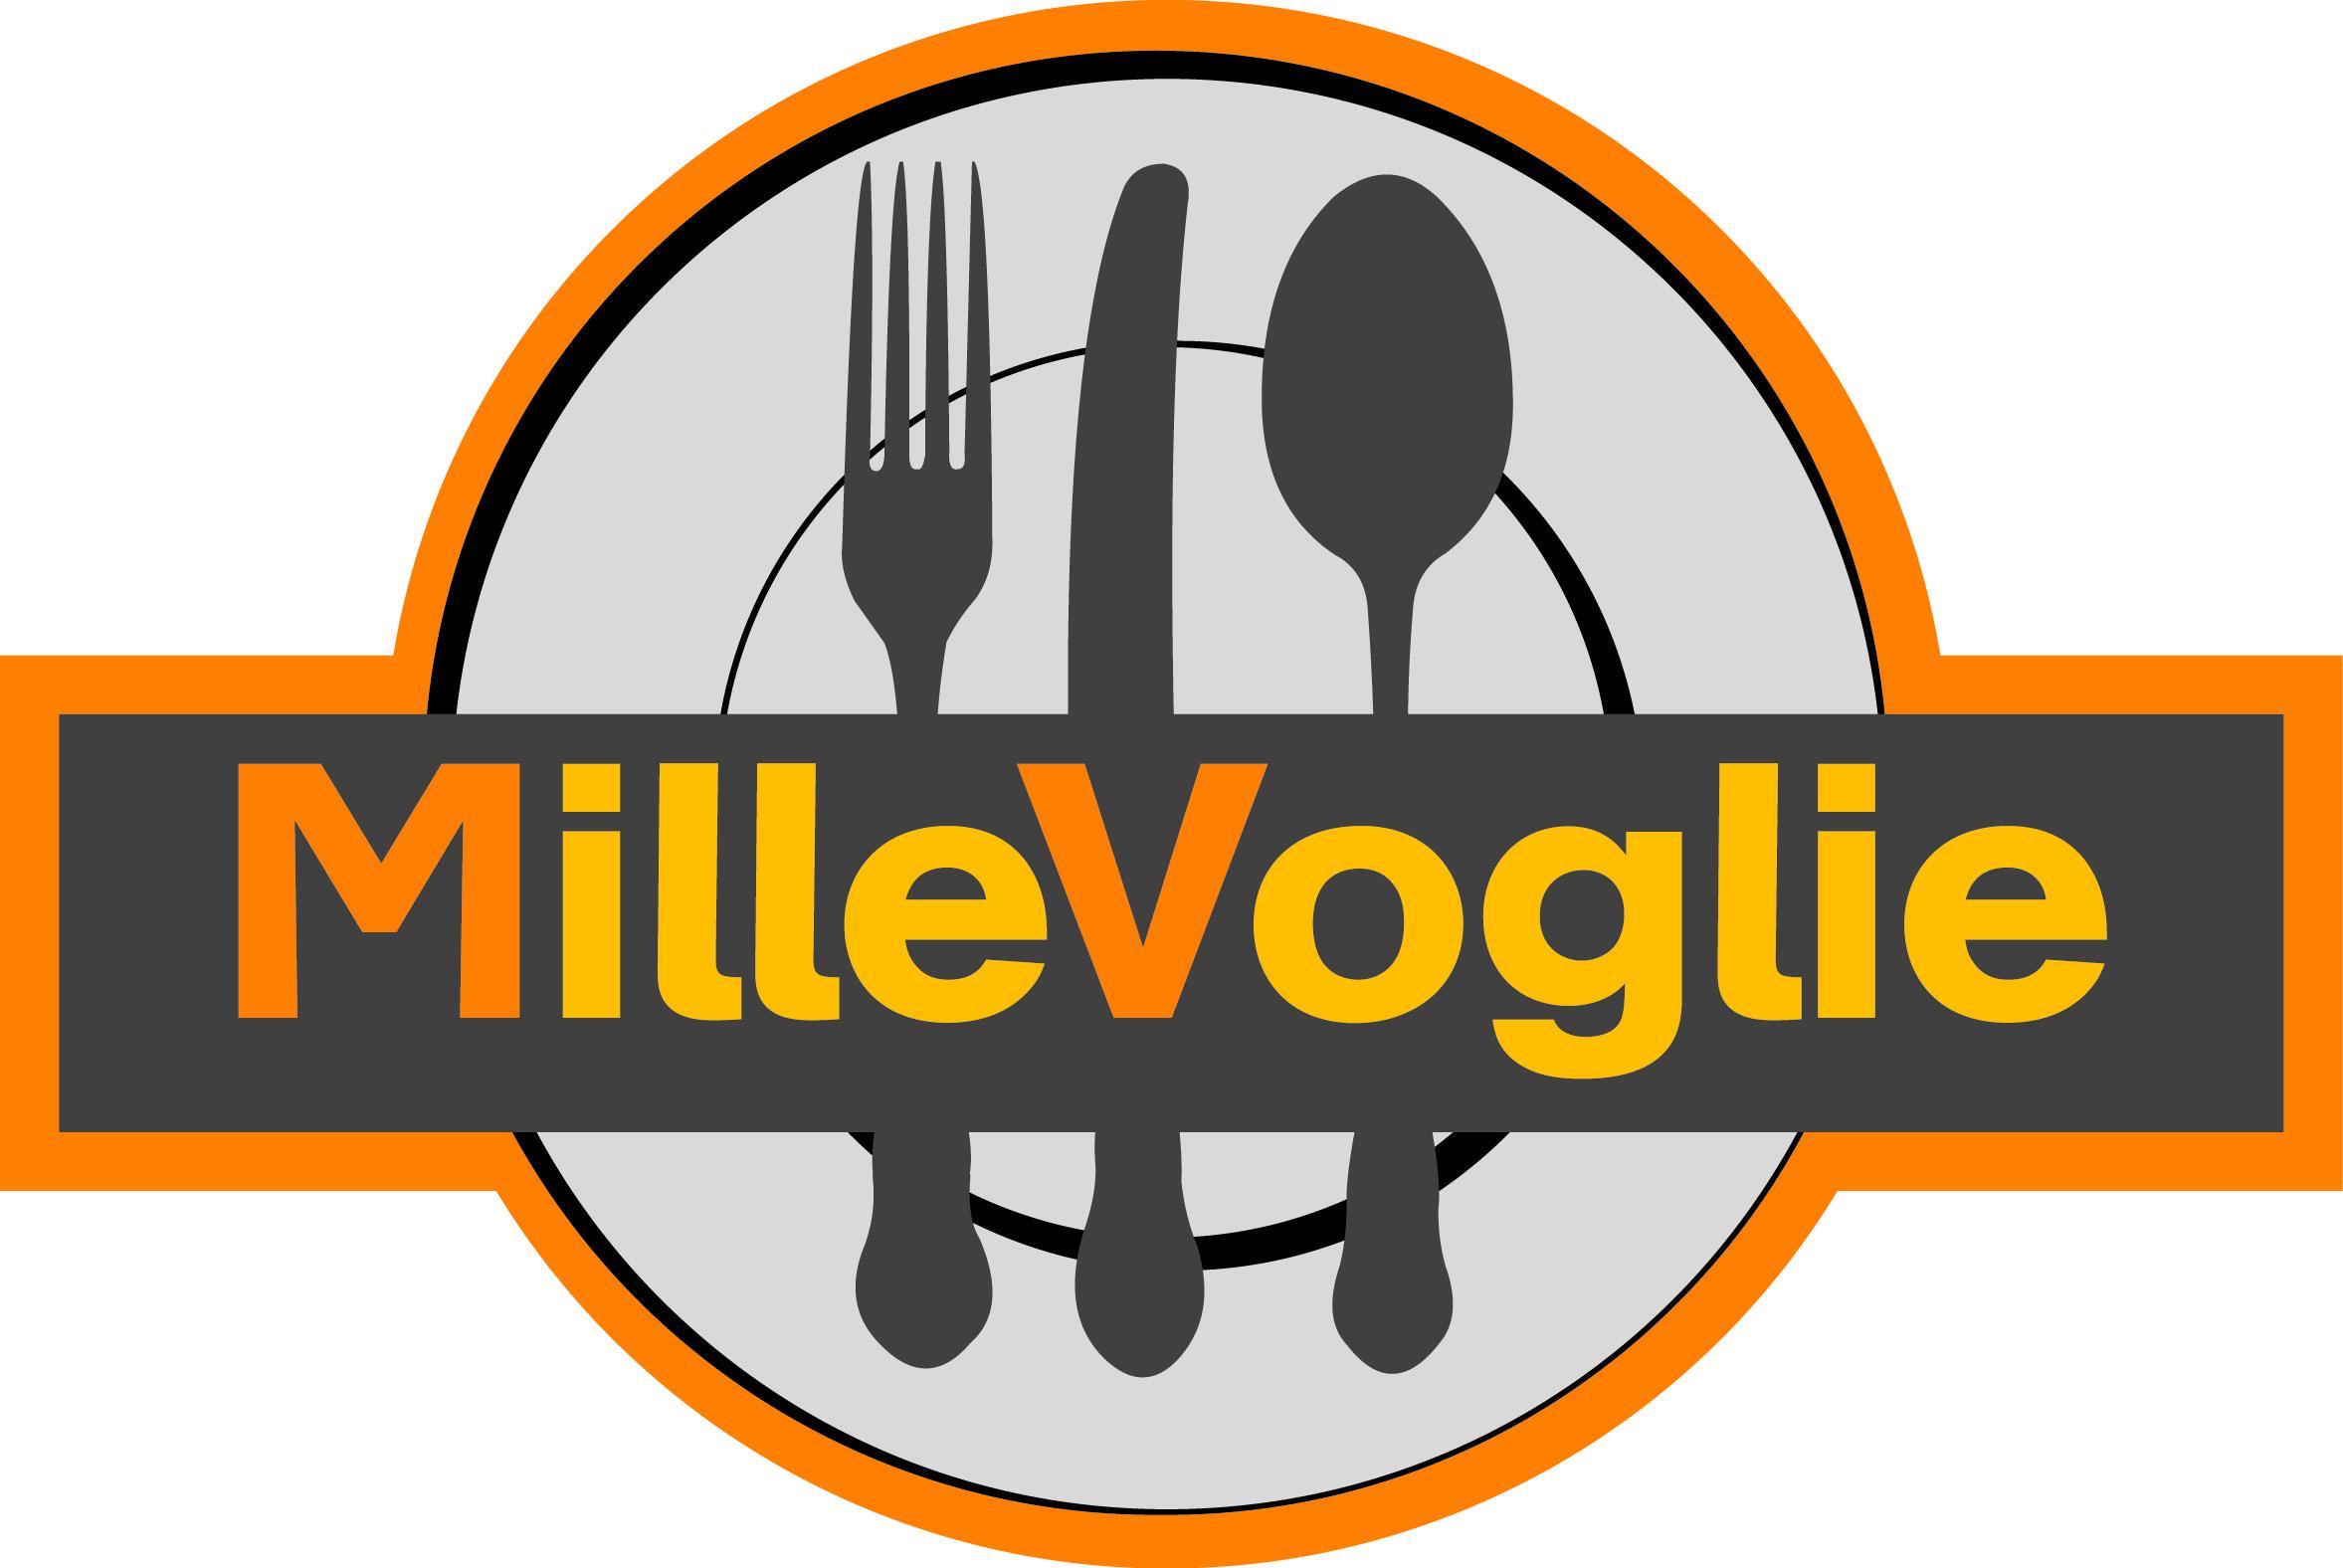 L a gastronomia - ristorante self service MilleVoglie è a Porto d'Ascoli, in via Toti